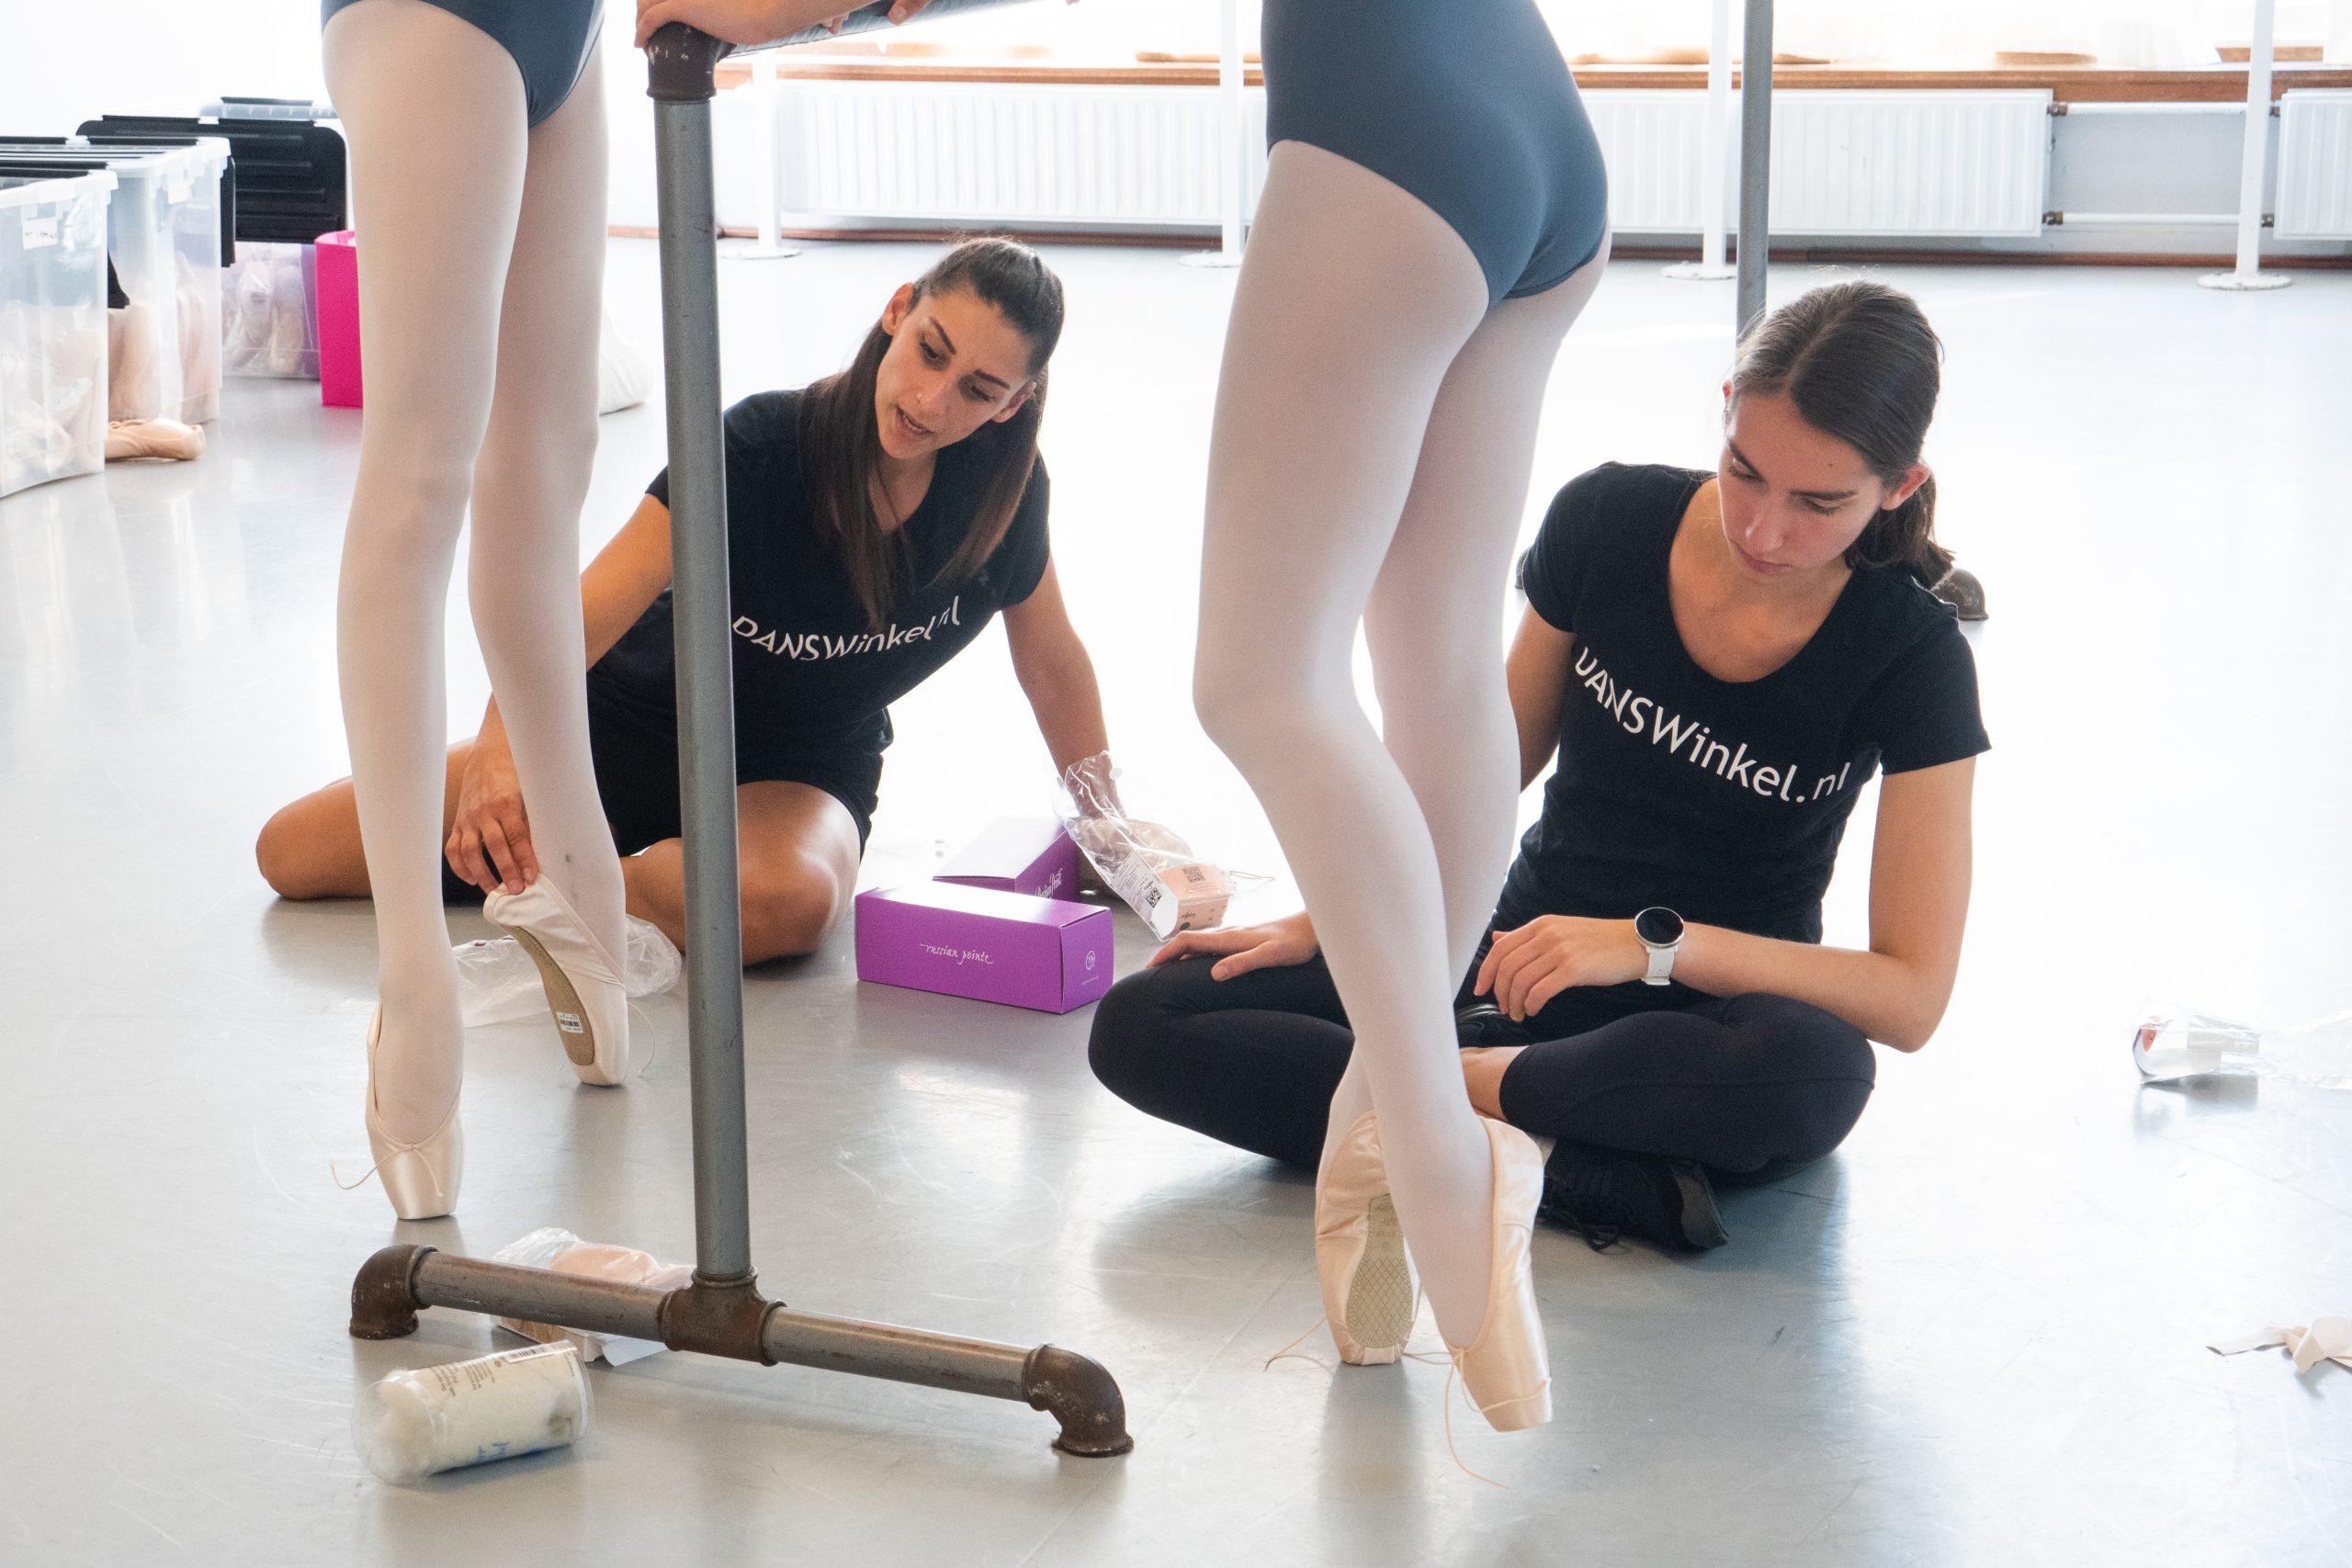 Nationale balletacademie spitzen aanmeten Danswinkel.nl